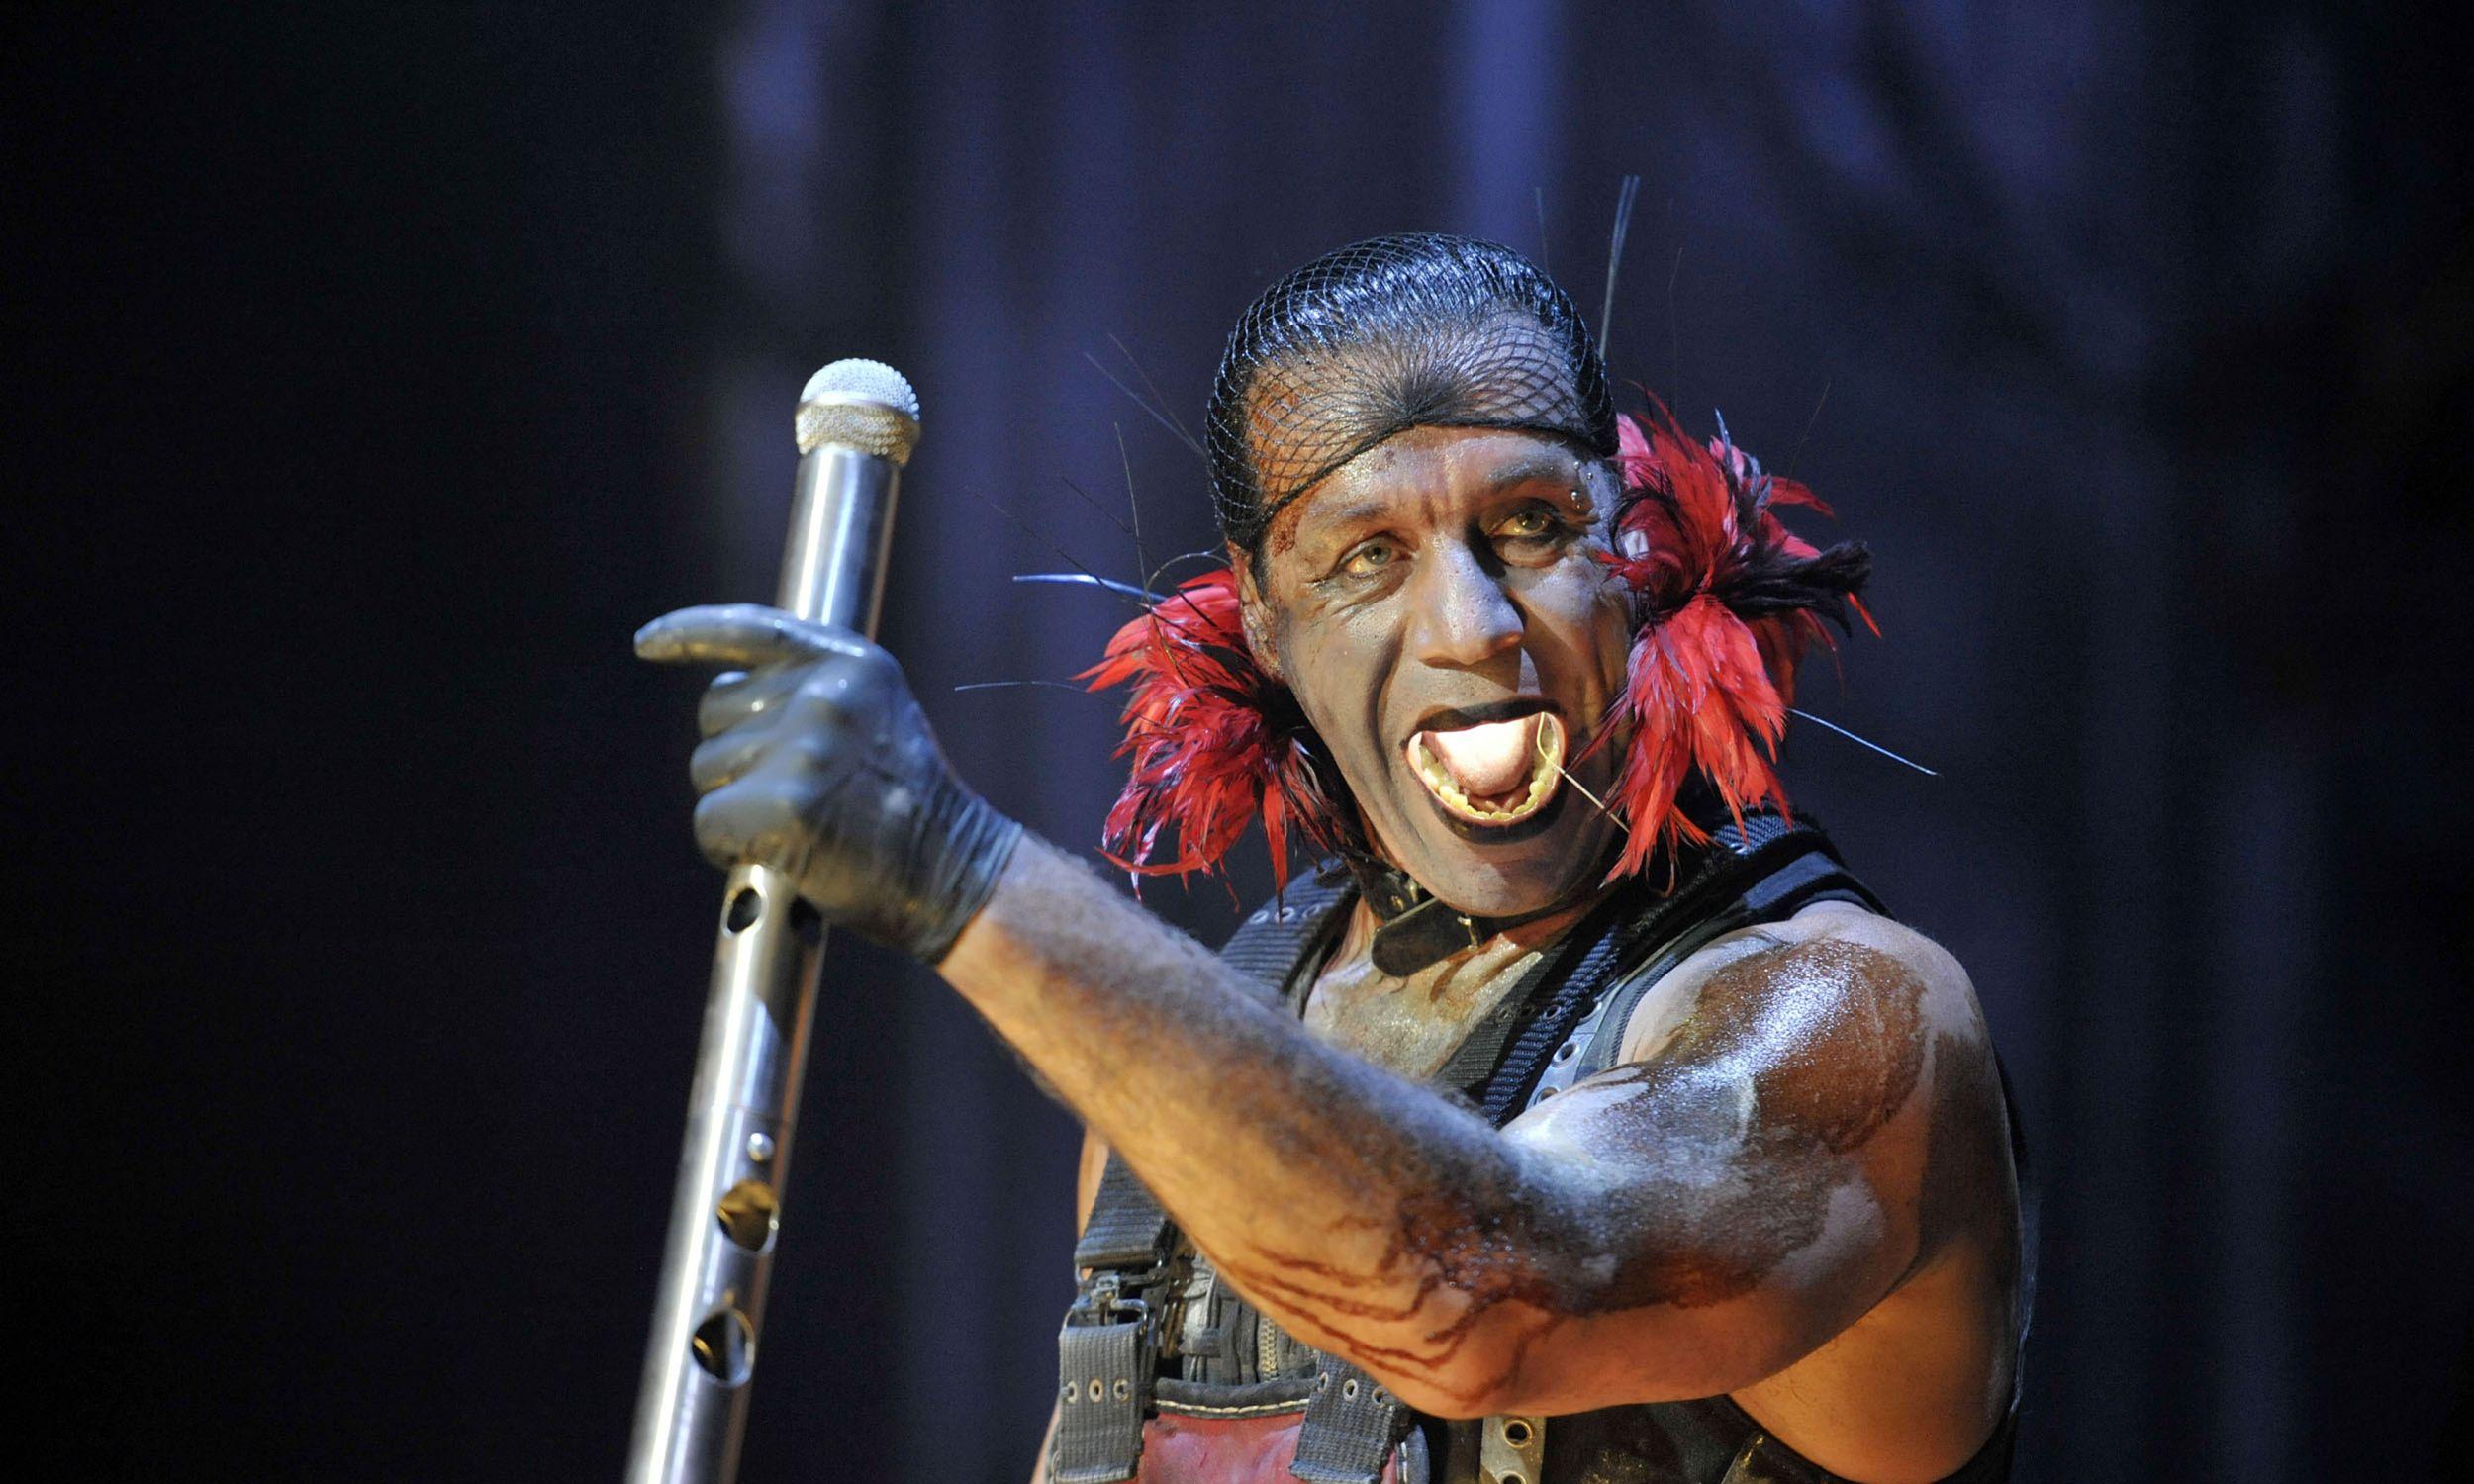 Till Lindemann, wokalista i lider niemieckiego zespołu metalowego Rammstein podczas koncertu w Grand Arena w Kapsztad. RPA, 9 lutego 2011. Fot. Foto24 / Gallo Images / Getty Images